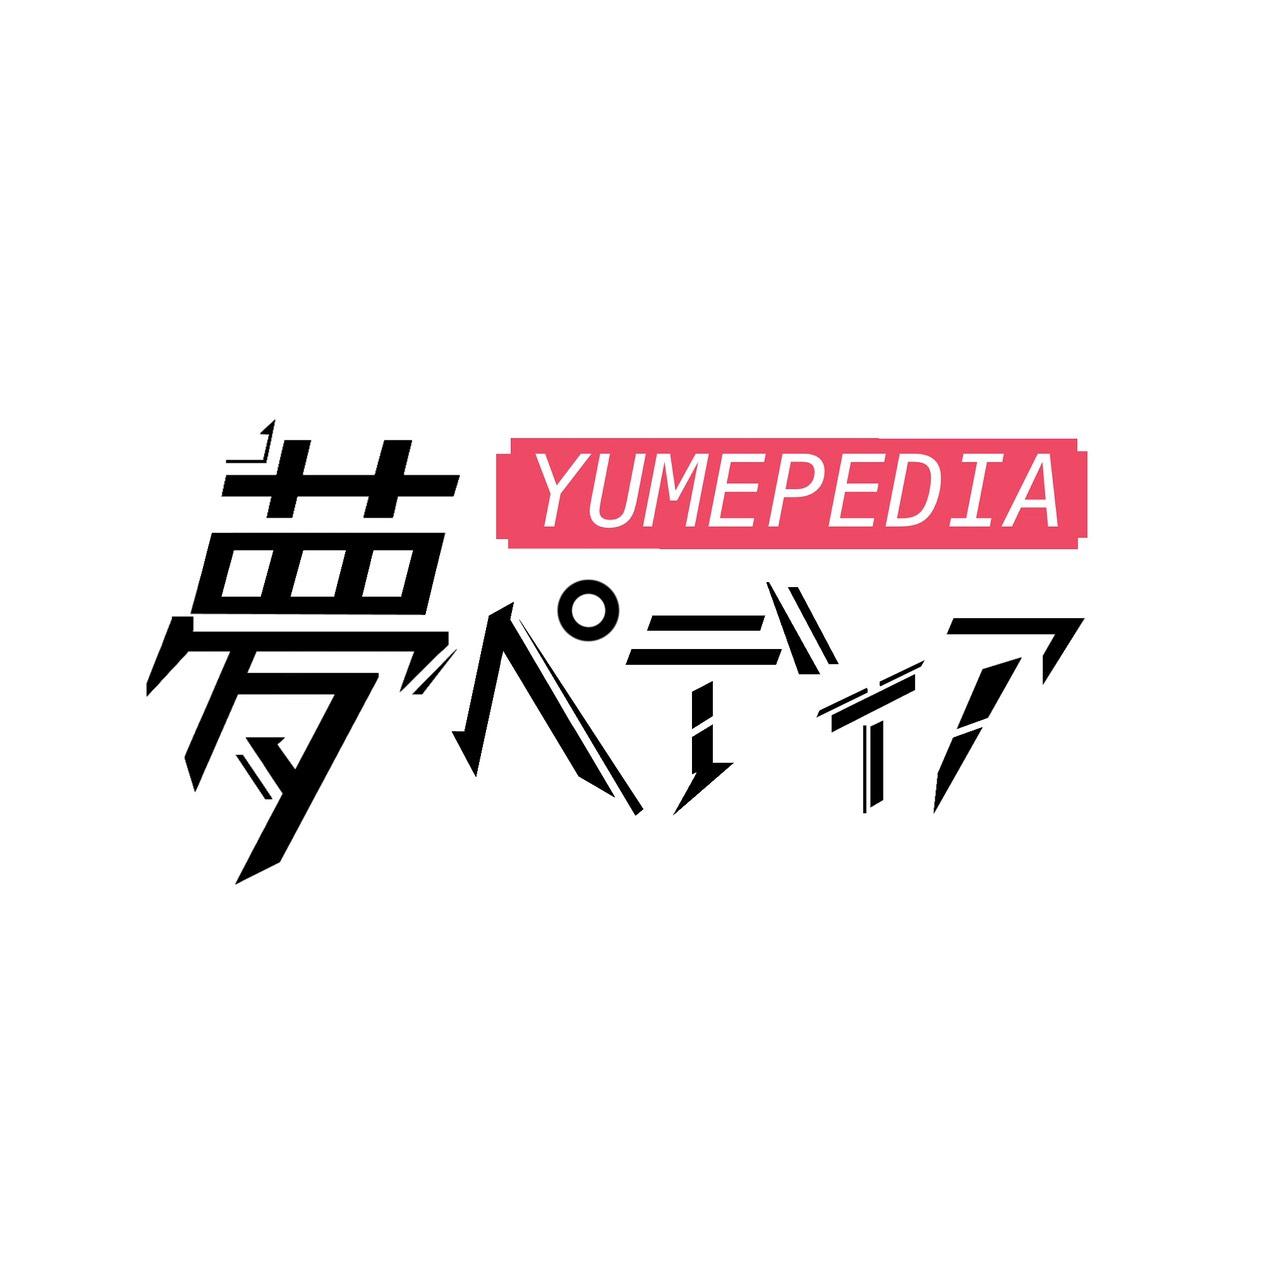 オーディション アイドルグループ「夢ペディア」新メンバー募集 主催:Leaders株式会社、カテゴリ:アイドル(元気系)